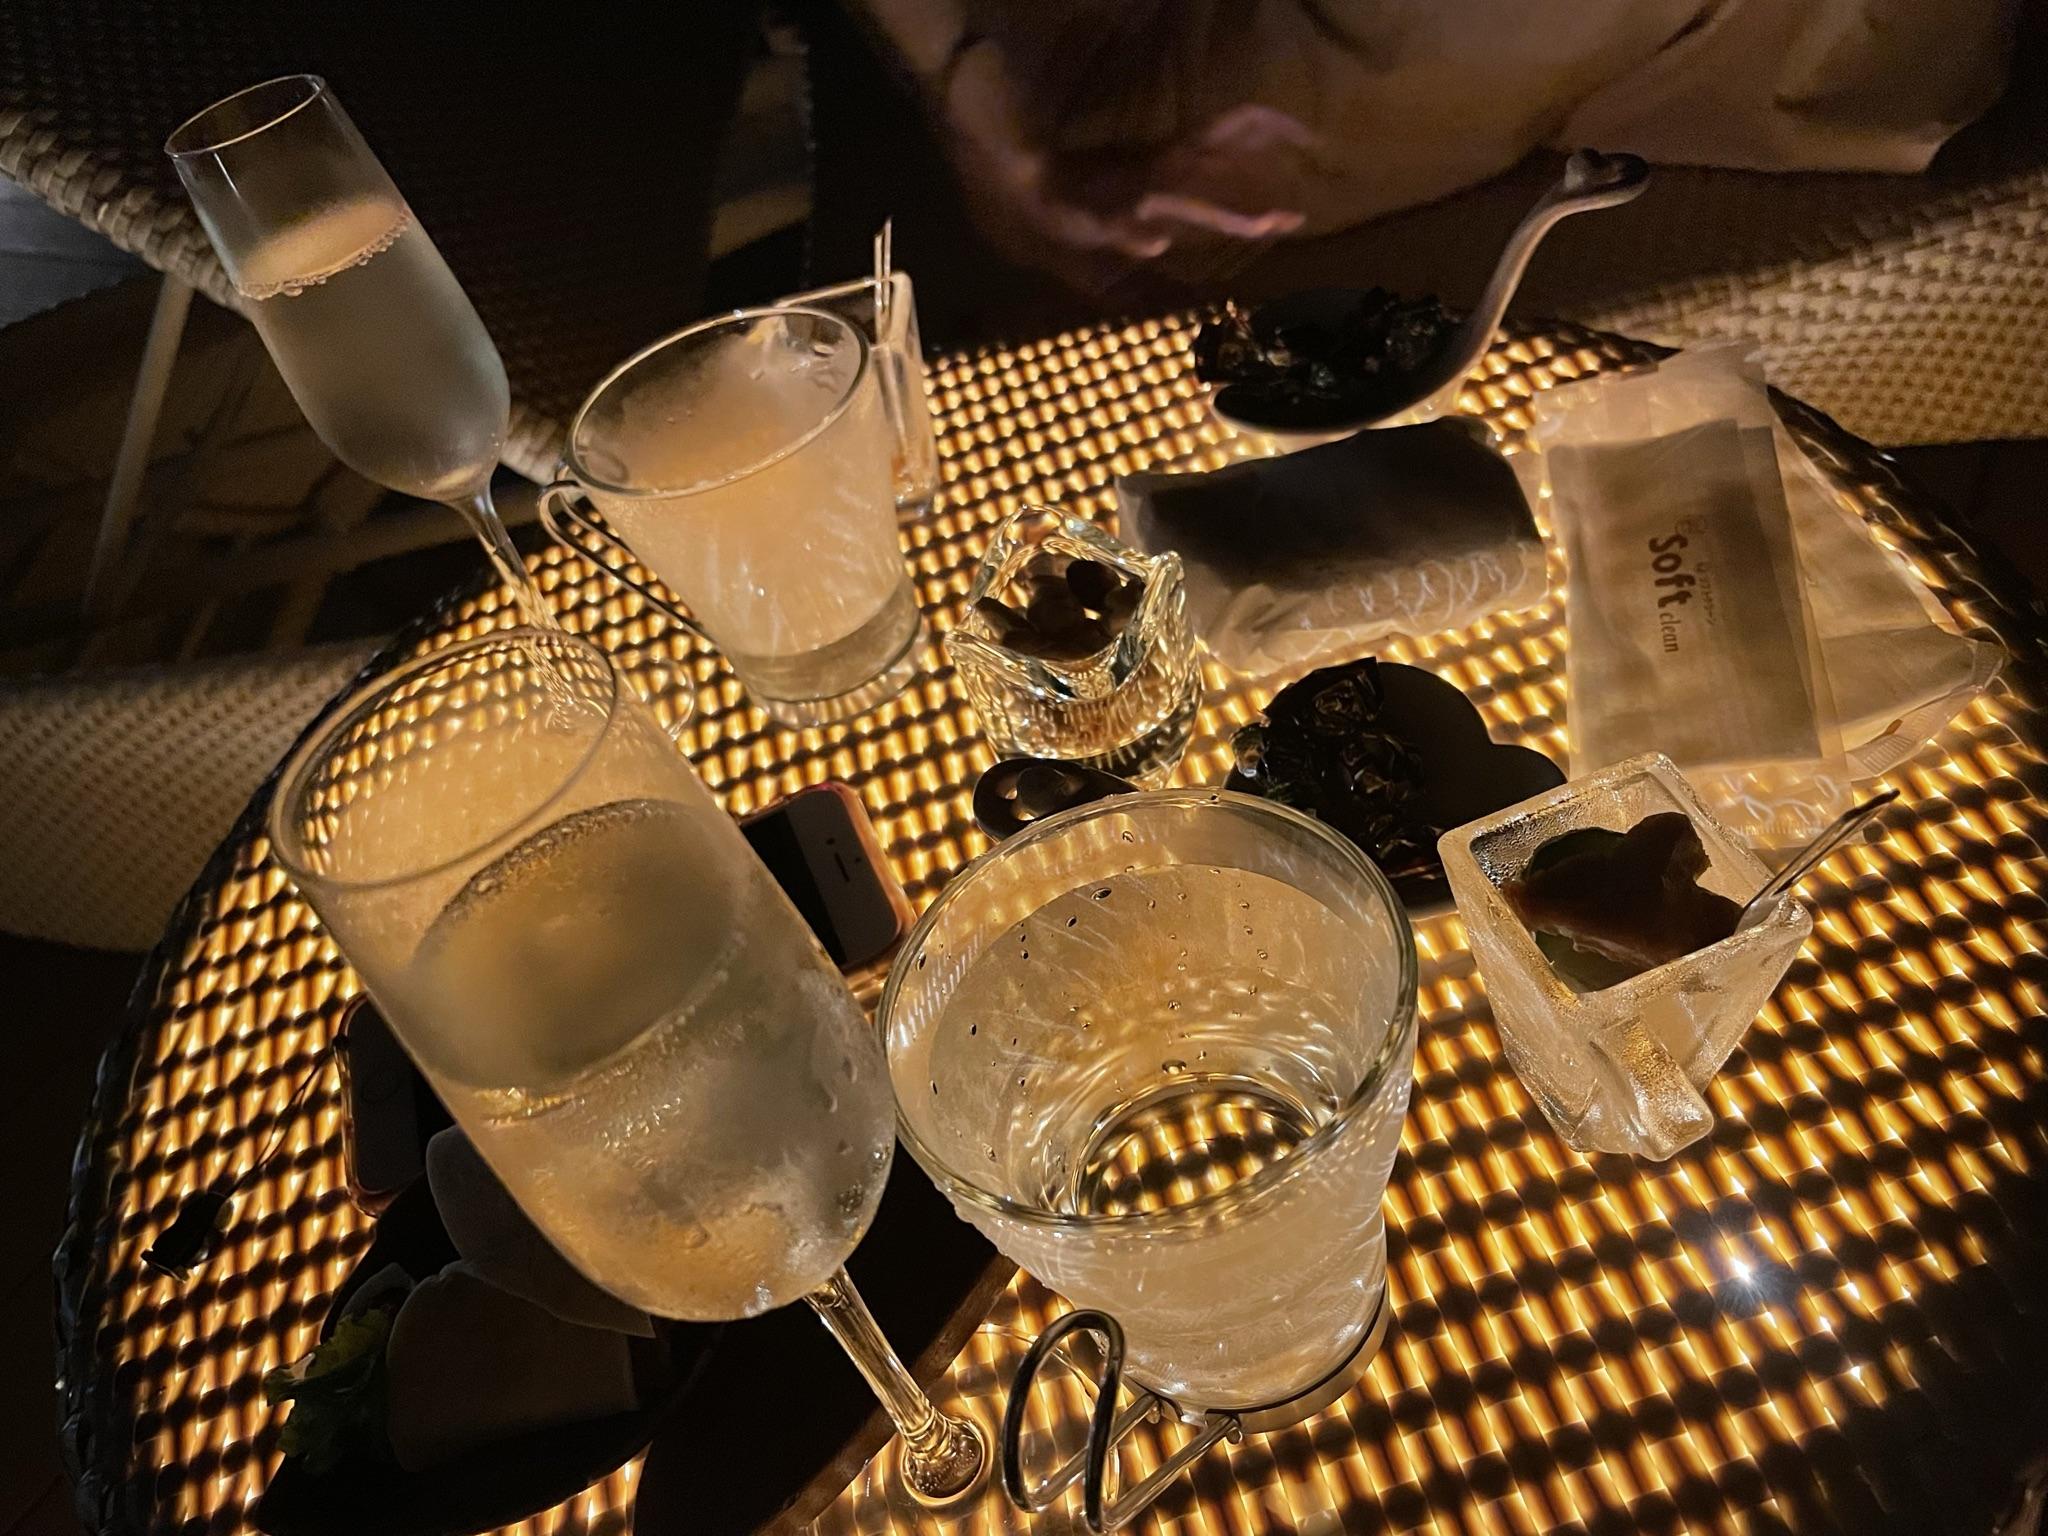 《大人お篭りにオススメ!》飲み放題&超絶景が楽しめるホテル【THE SHINRA(森羅)】_3